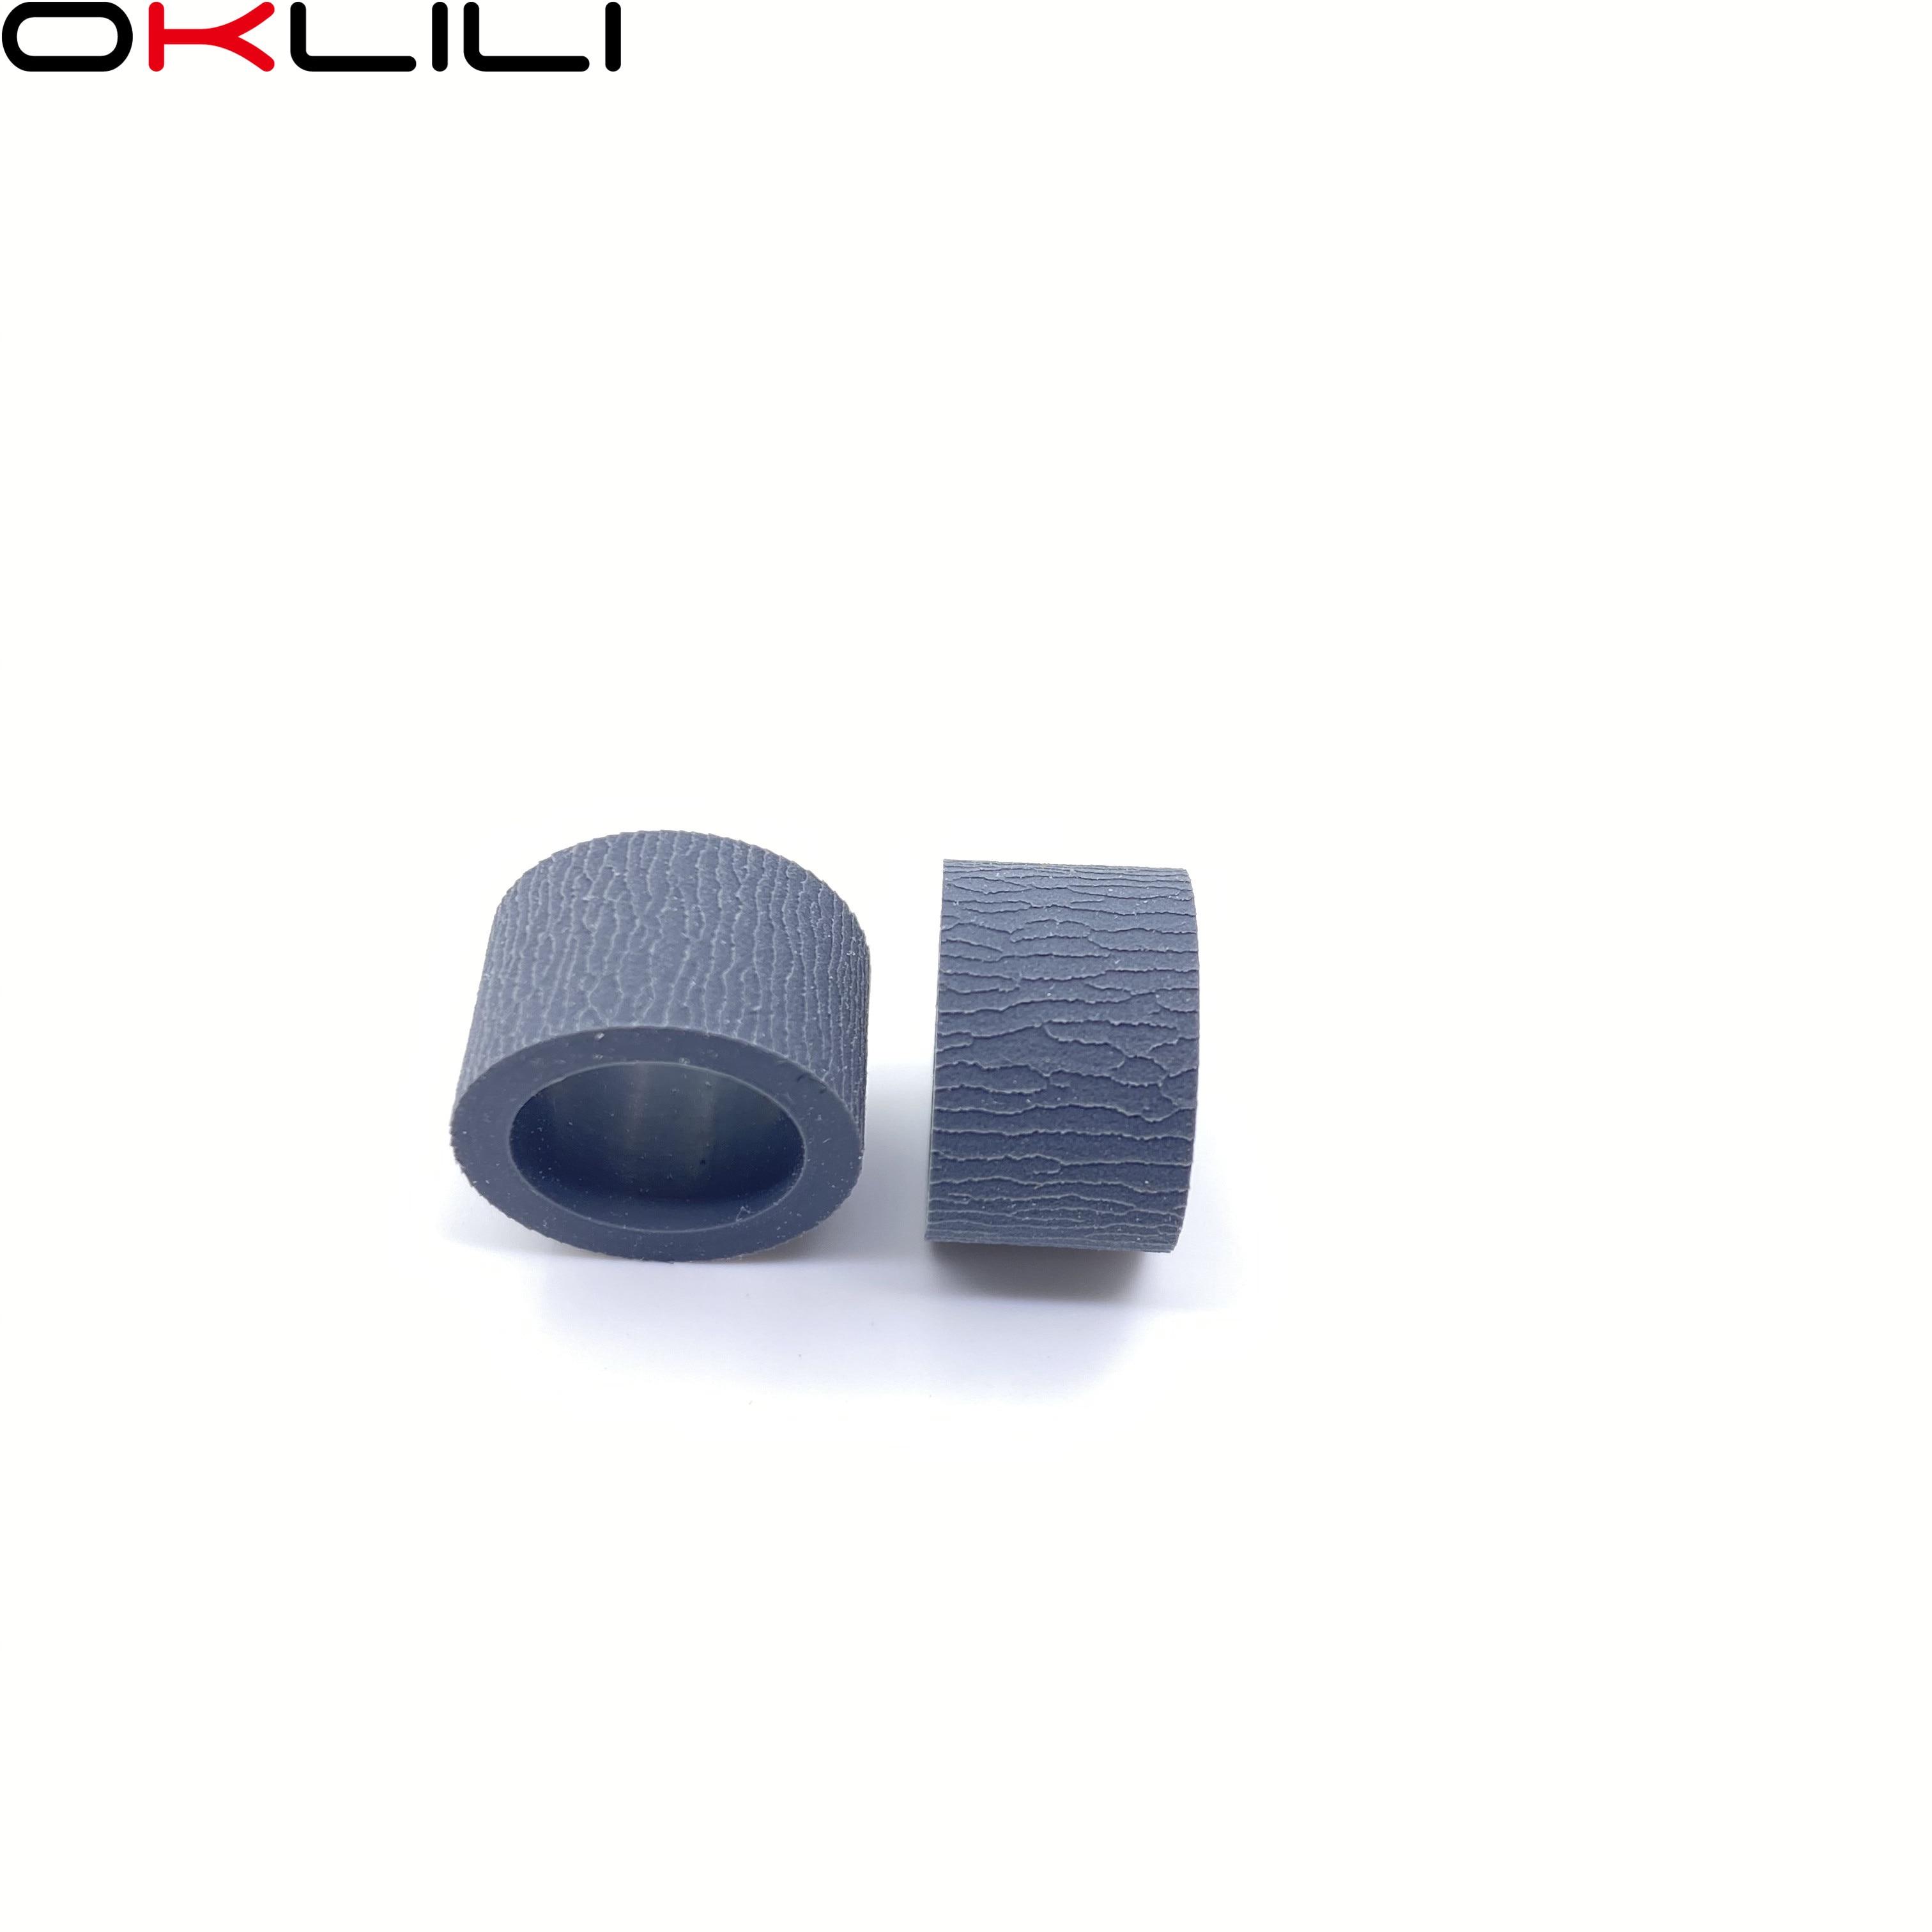 10X Feed Pickup Roller For EPSON L6061 L6071 L6160 L6161 L6166 L6168 L6170 L6171 L6176 L6178 L6190 L6191 L6198 M2140 M2170 M3140